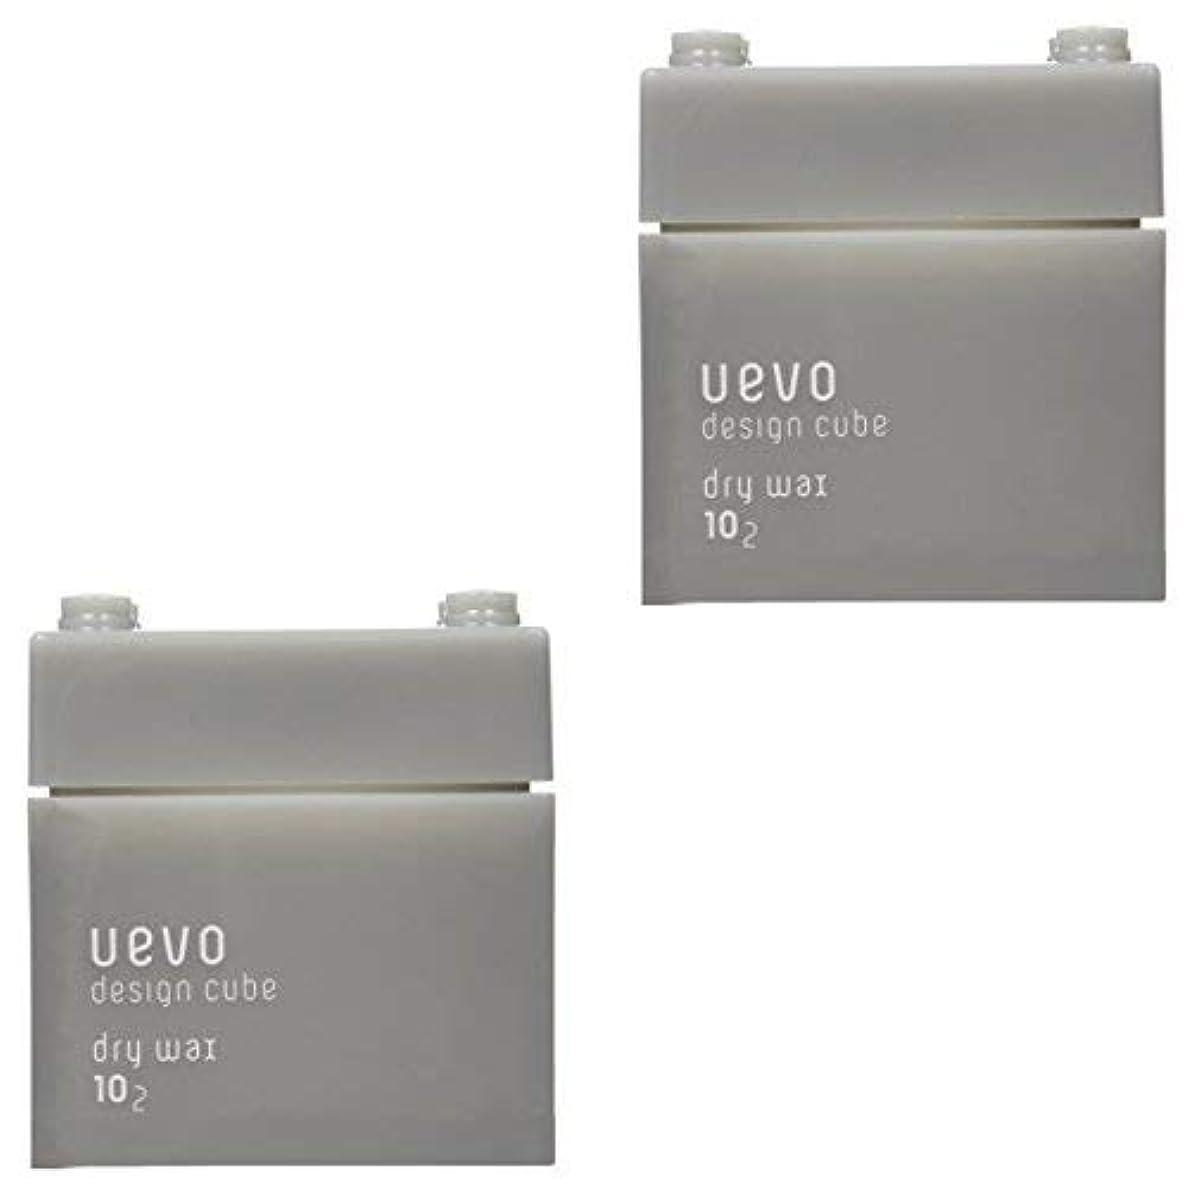 トーストトランク攻撃的【X2個セット】 デミ ウェーボ デザインキューブ ドライワックス 80g dry wax DEMI uevo design cube